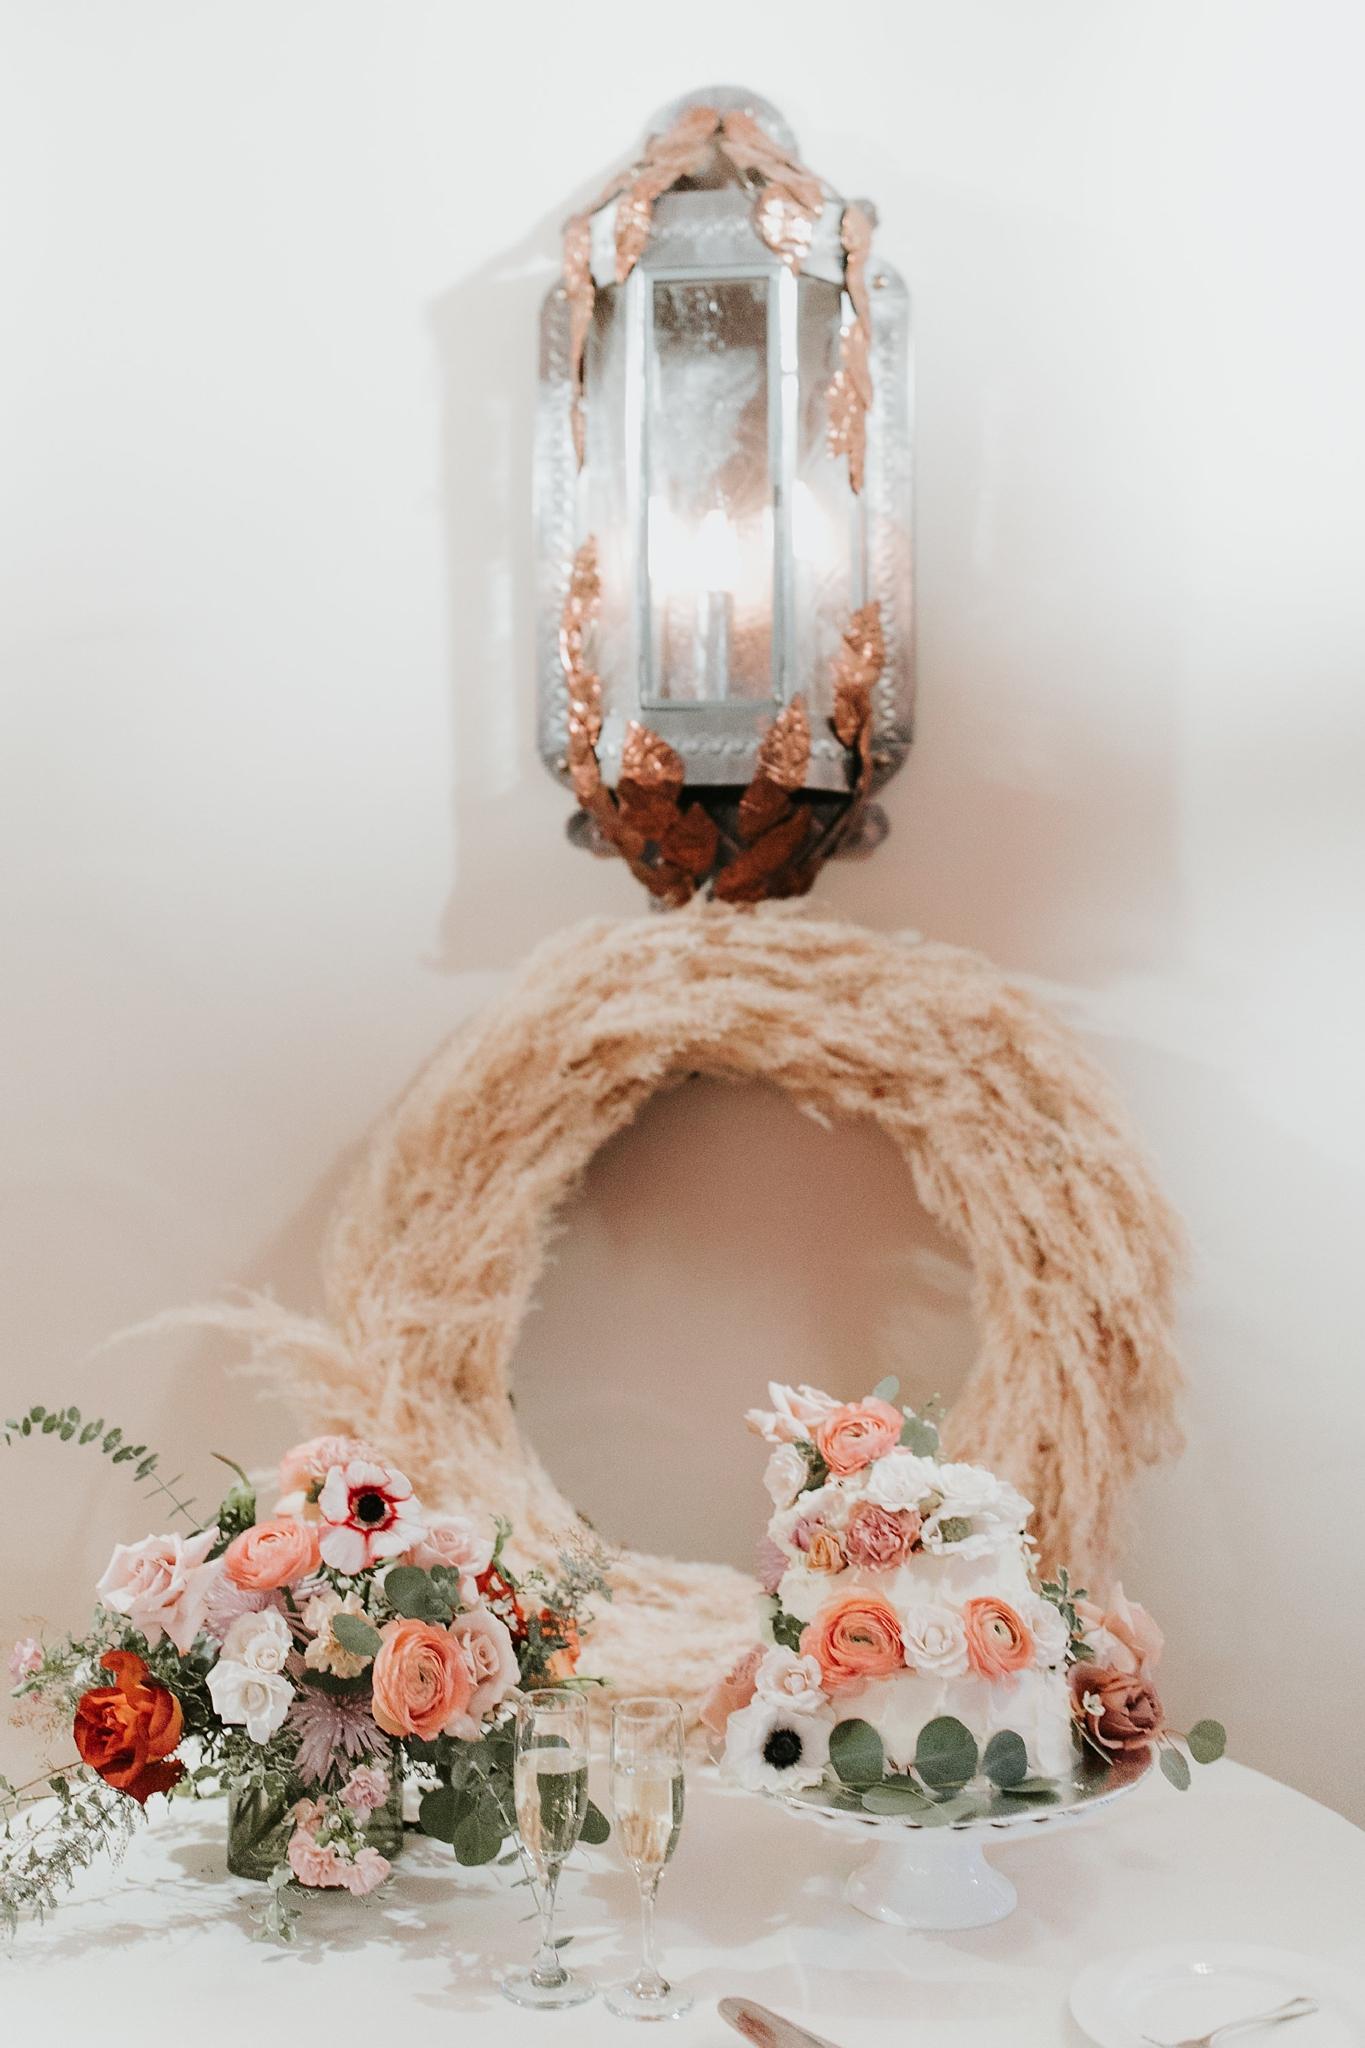 Alicia+lucia+photography+-+albuquerque+wedding+photographer+-+santa+fe+wedding+photography+-+new+mexico+wedding+photographer+-+new+mexico+florist+-+wedding+florist+-+renegade+floral_0070.jpg